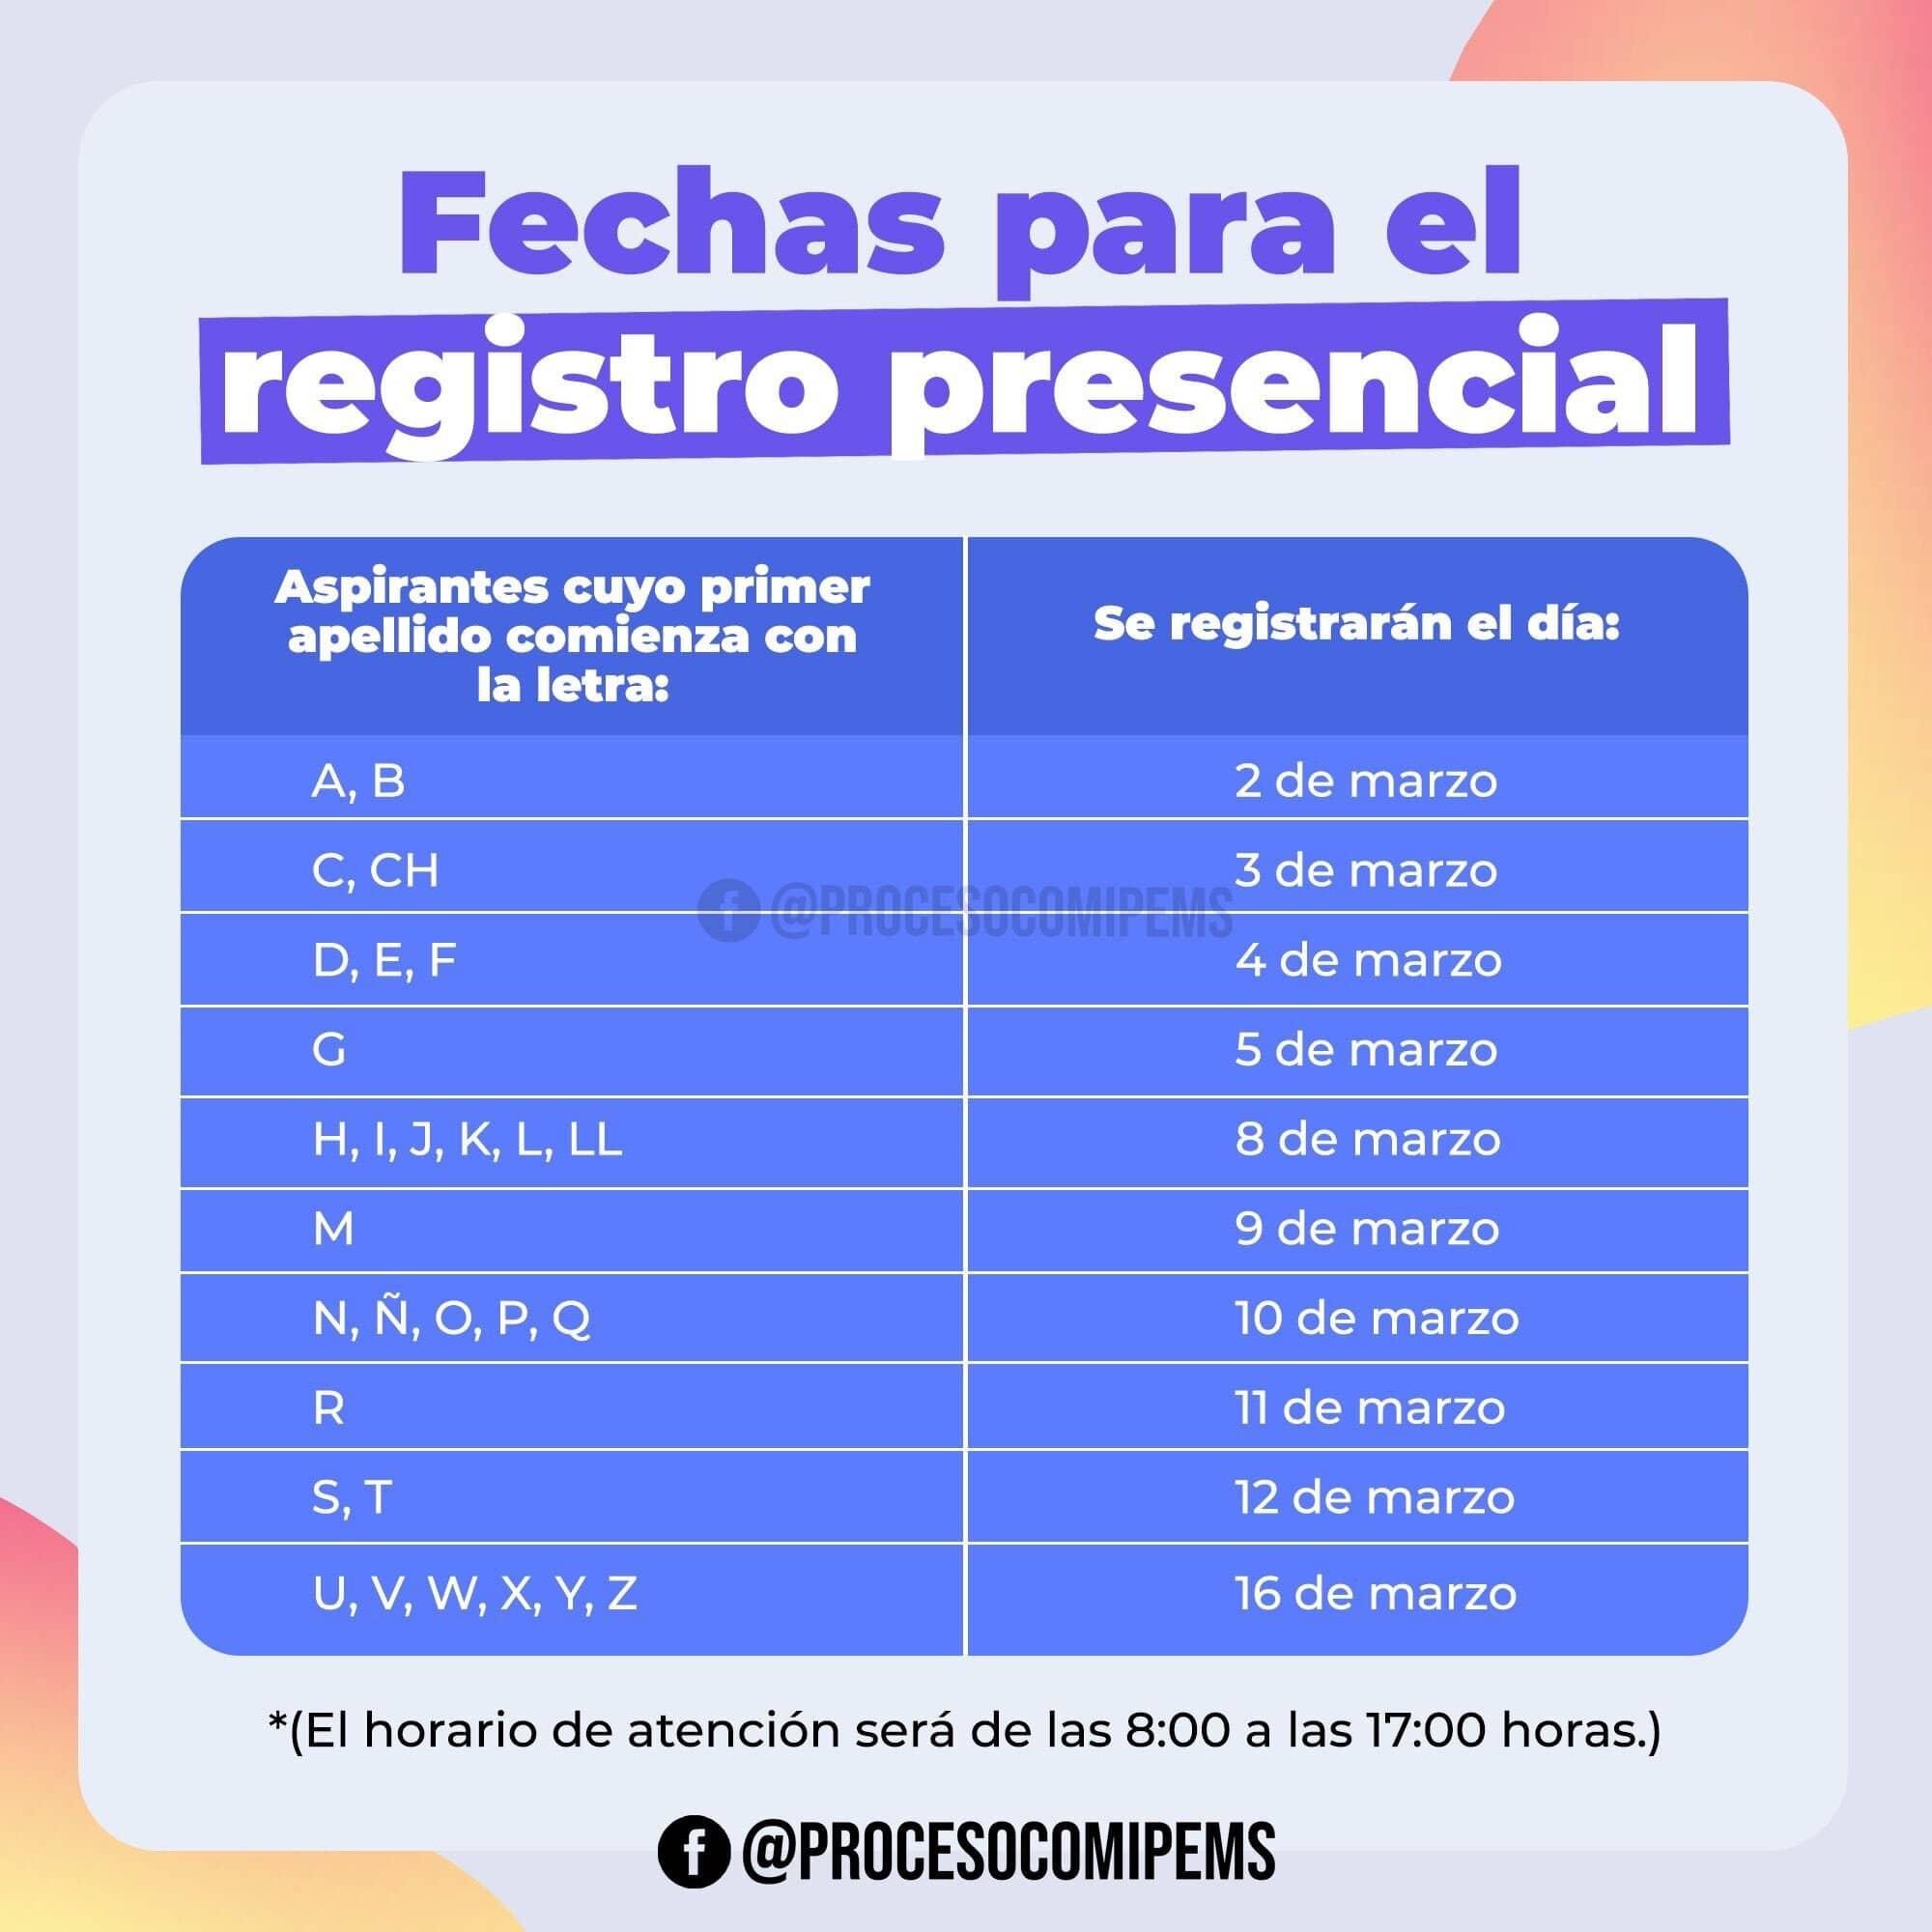 comipems-2021-convocatoria-fechas-de-registro-y-examen-para-ingresar-a-preparatoria-160494 (2)